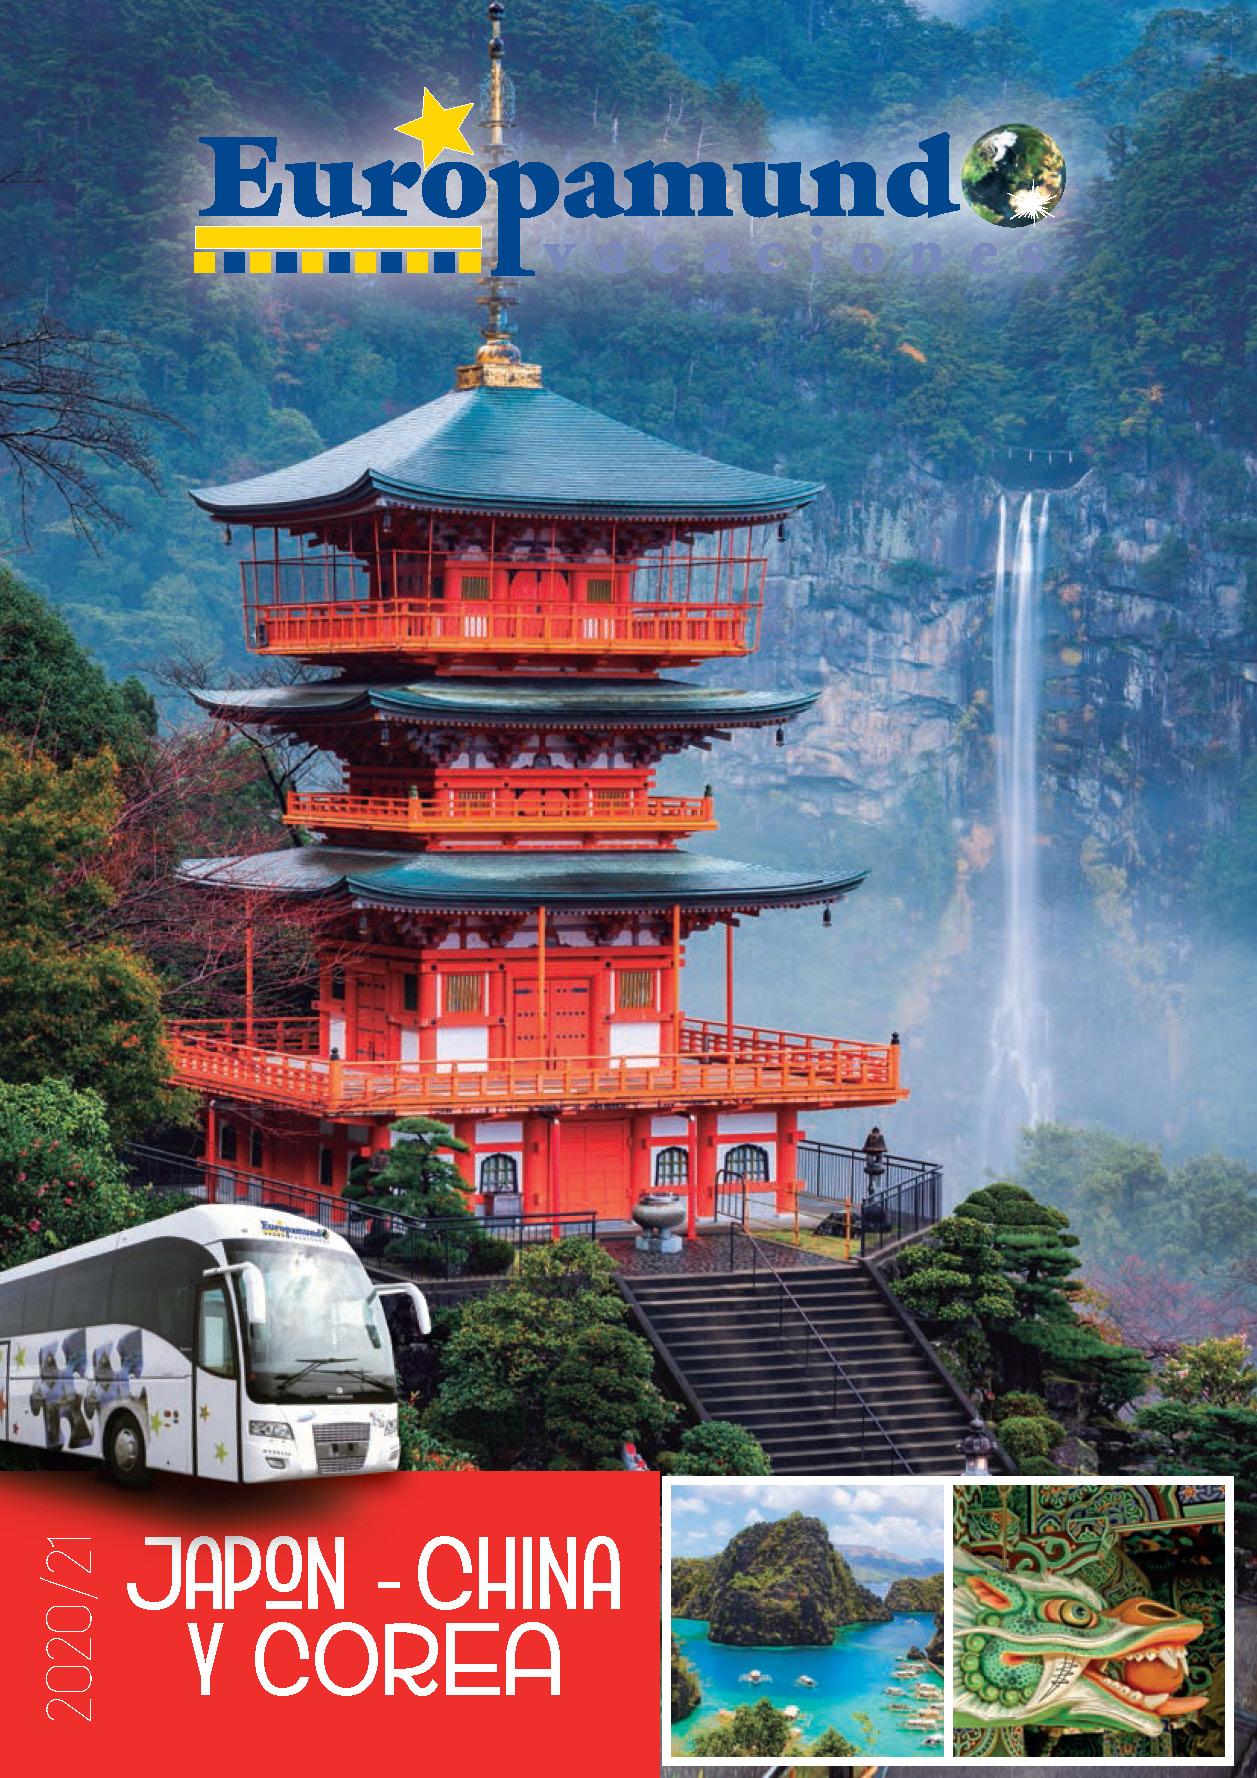 Catalogo Europamundo Vacaciones Japon China y Corea 2020-2021